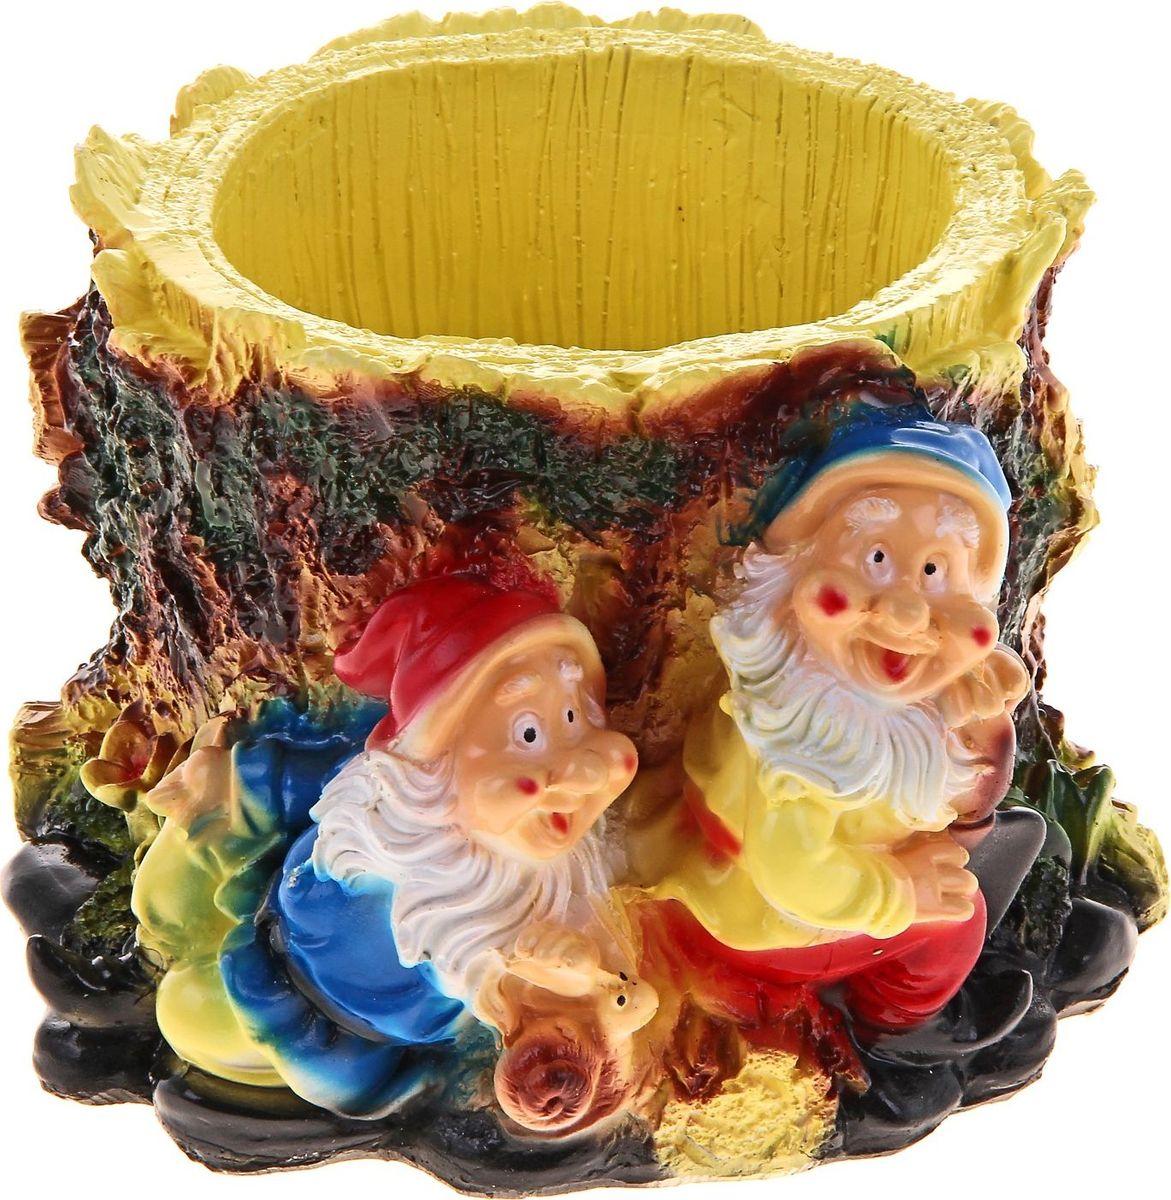 Кашпо Два гнома, 18 х 17 х 12 см628373Комнатные растения — всеобщие любимцы. Они радуют глаз, насыщают помещение кислородом и украшают пространство. Каждому из растений необходим свой удобный и красивый дом. Поселите зелёного питомца в яркое и оригинальное фигурное кашпо. Выберите подходящую форму для детской, спальни, гостиной, балкона, офиса или террасы. #name# позаботится о растении, украсит окружающее пространство и подчеркнёт его оригинальный стиль.